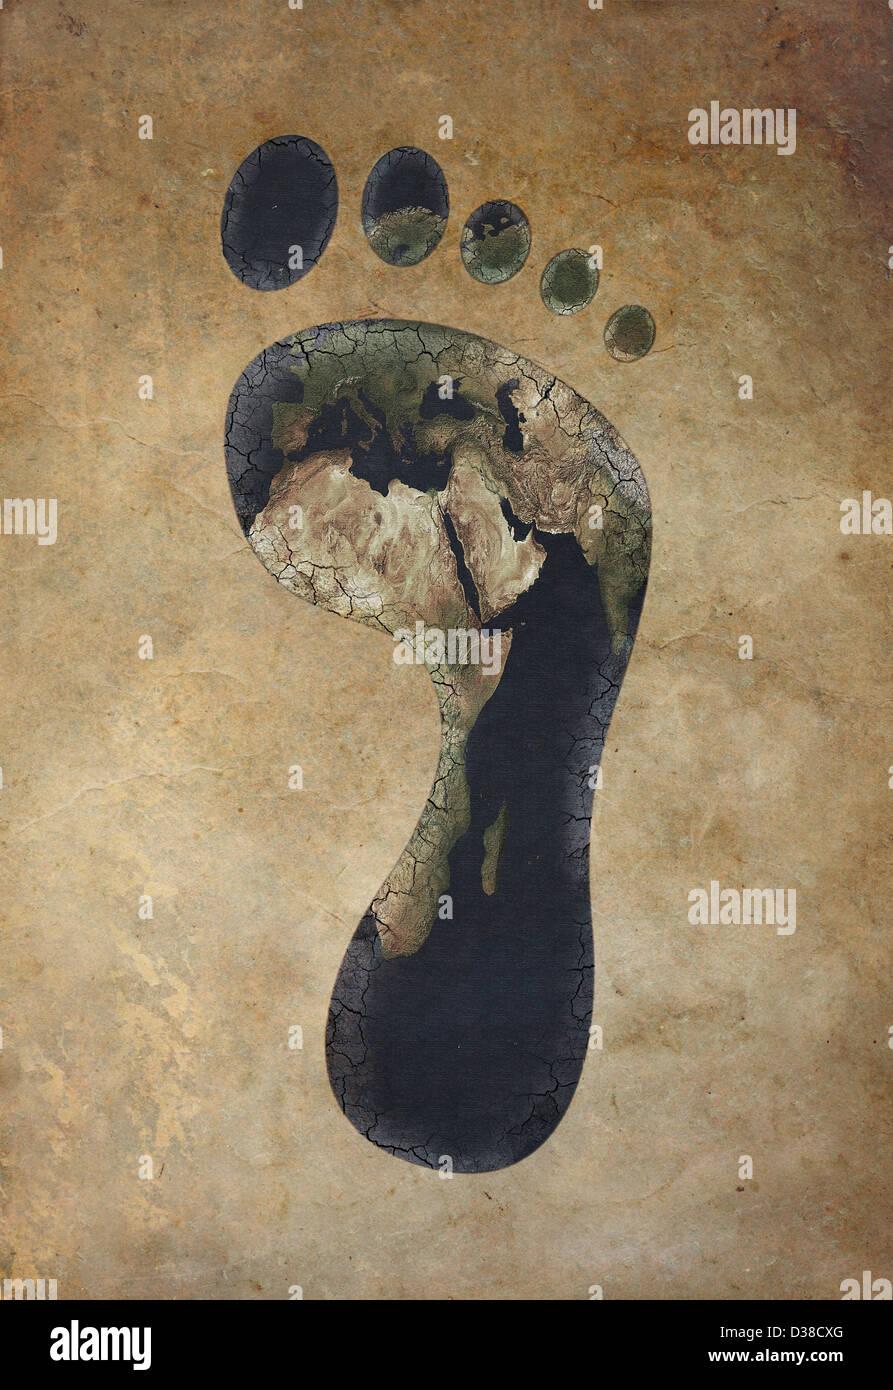 Immagine illustrativa di impronta di carbonio contro sfondo colorato Immagini Stock